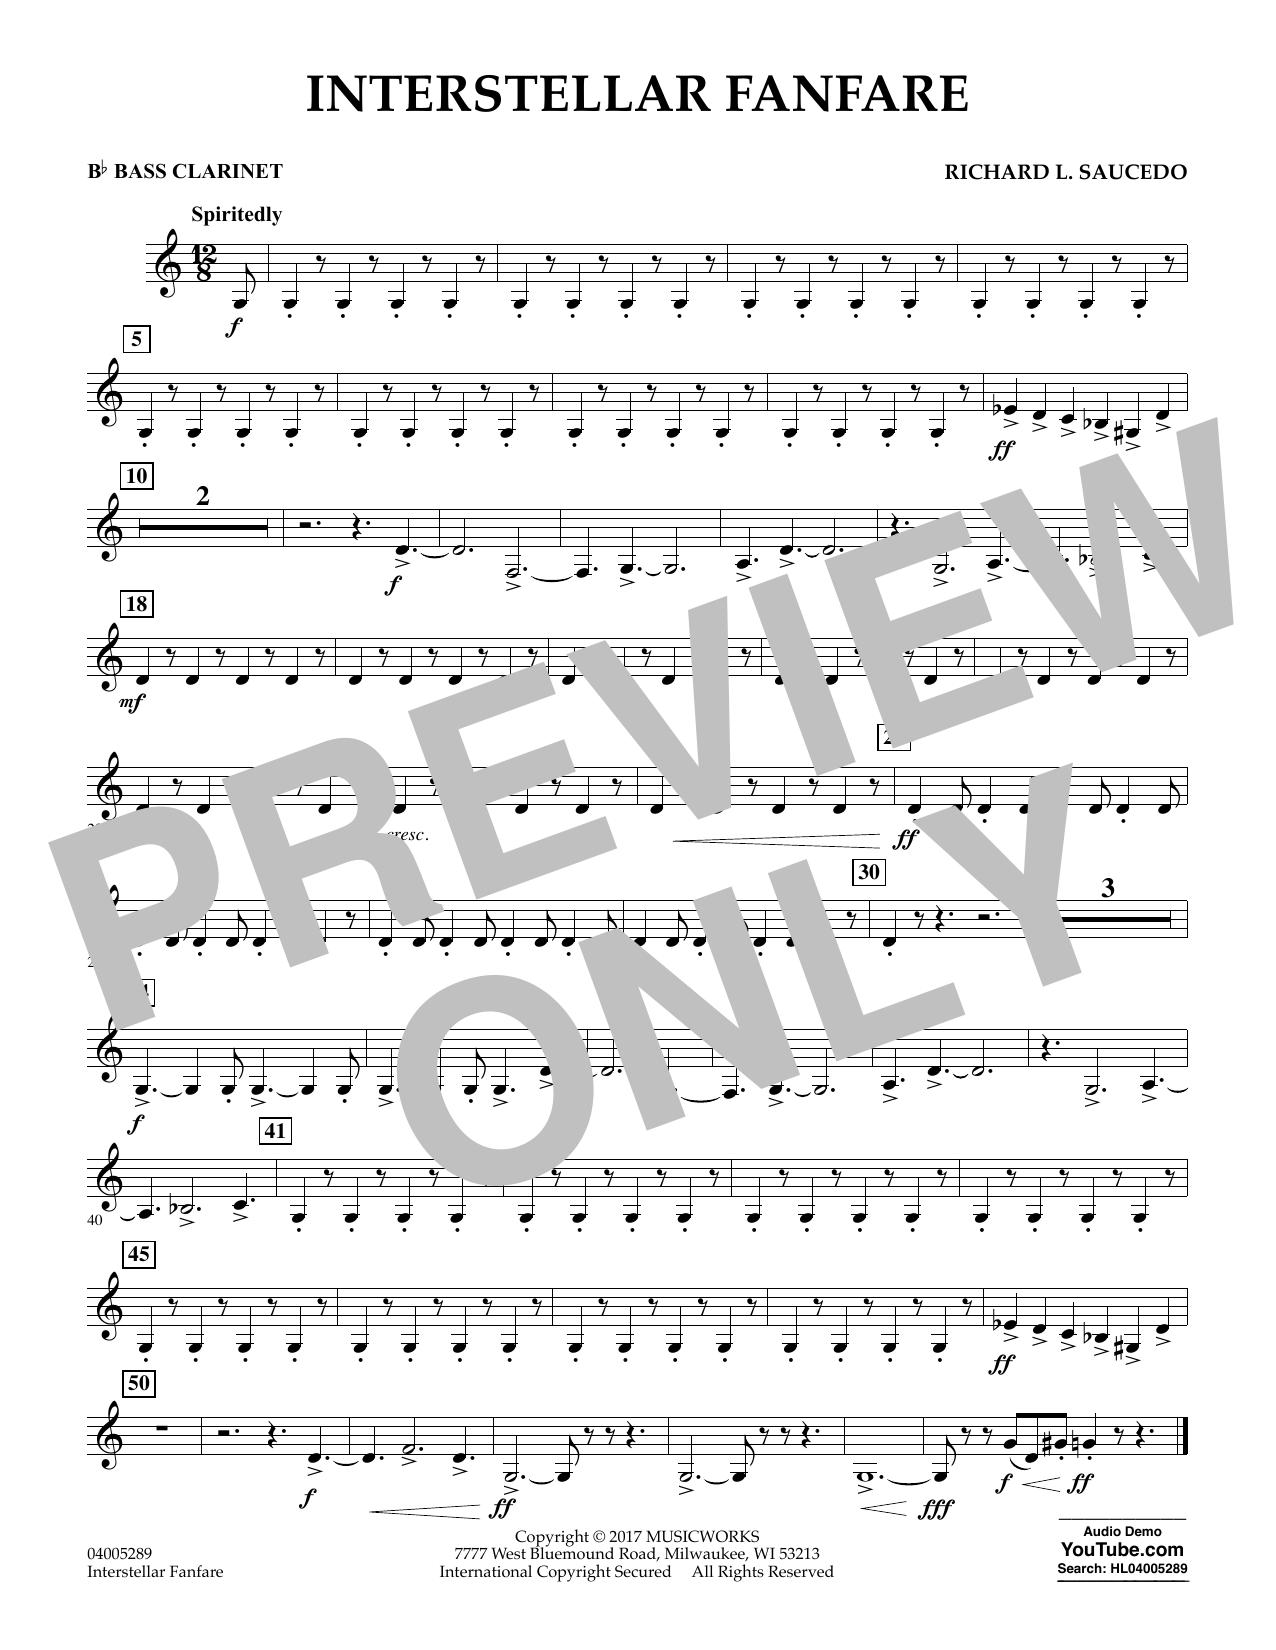 Richard L. Saucedo Interstellar Fanfare - Bb Bass Clarinet sheet music notes printable PDF score